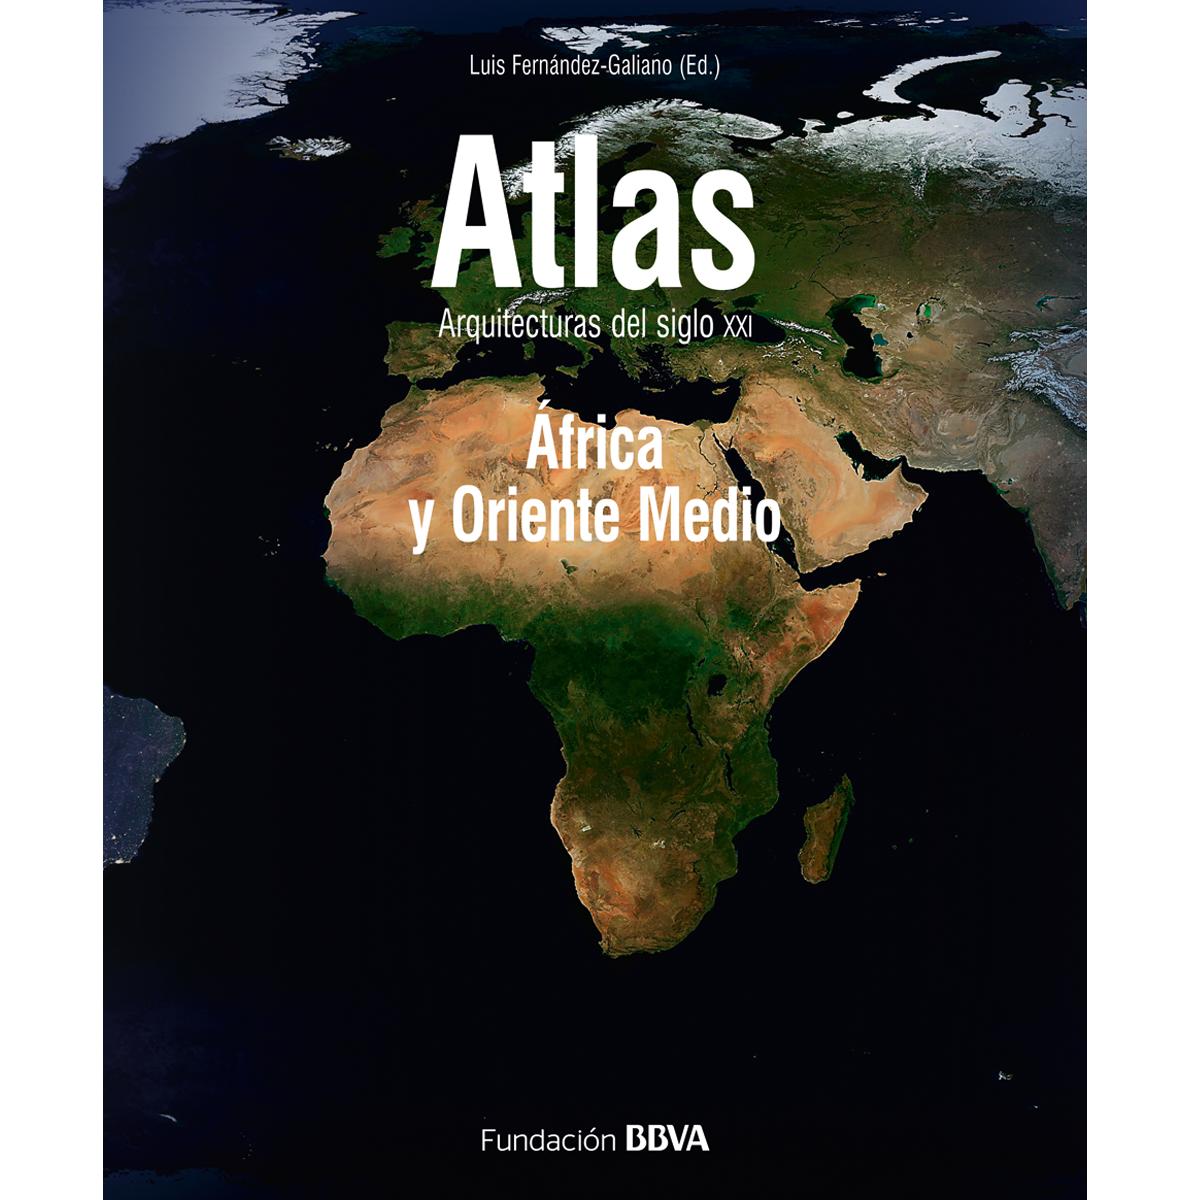 Atlas: Africa y Oriente Medio